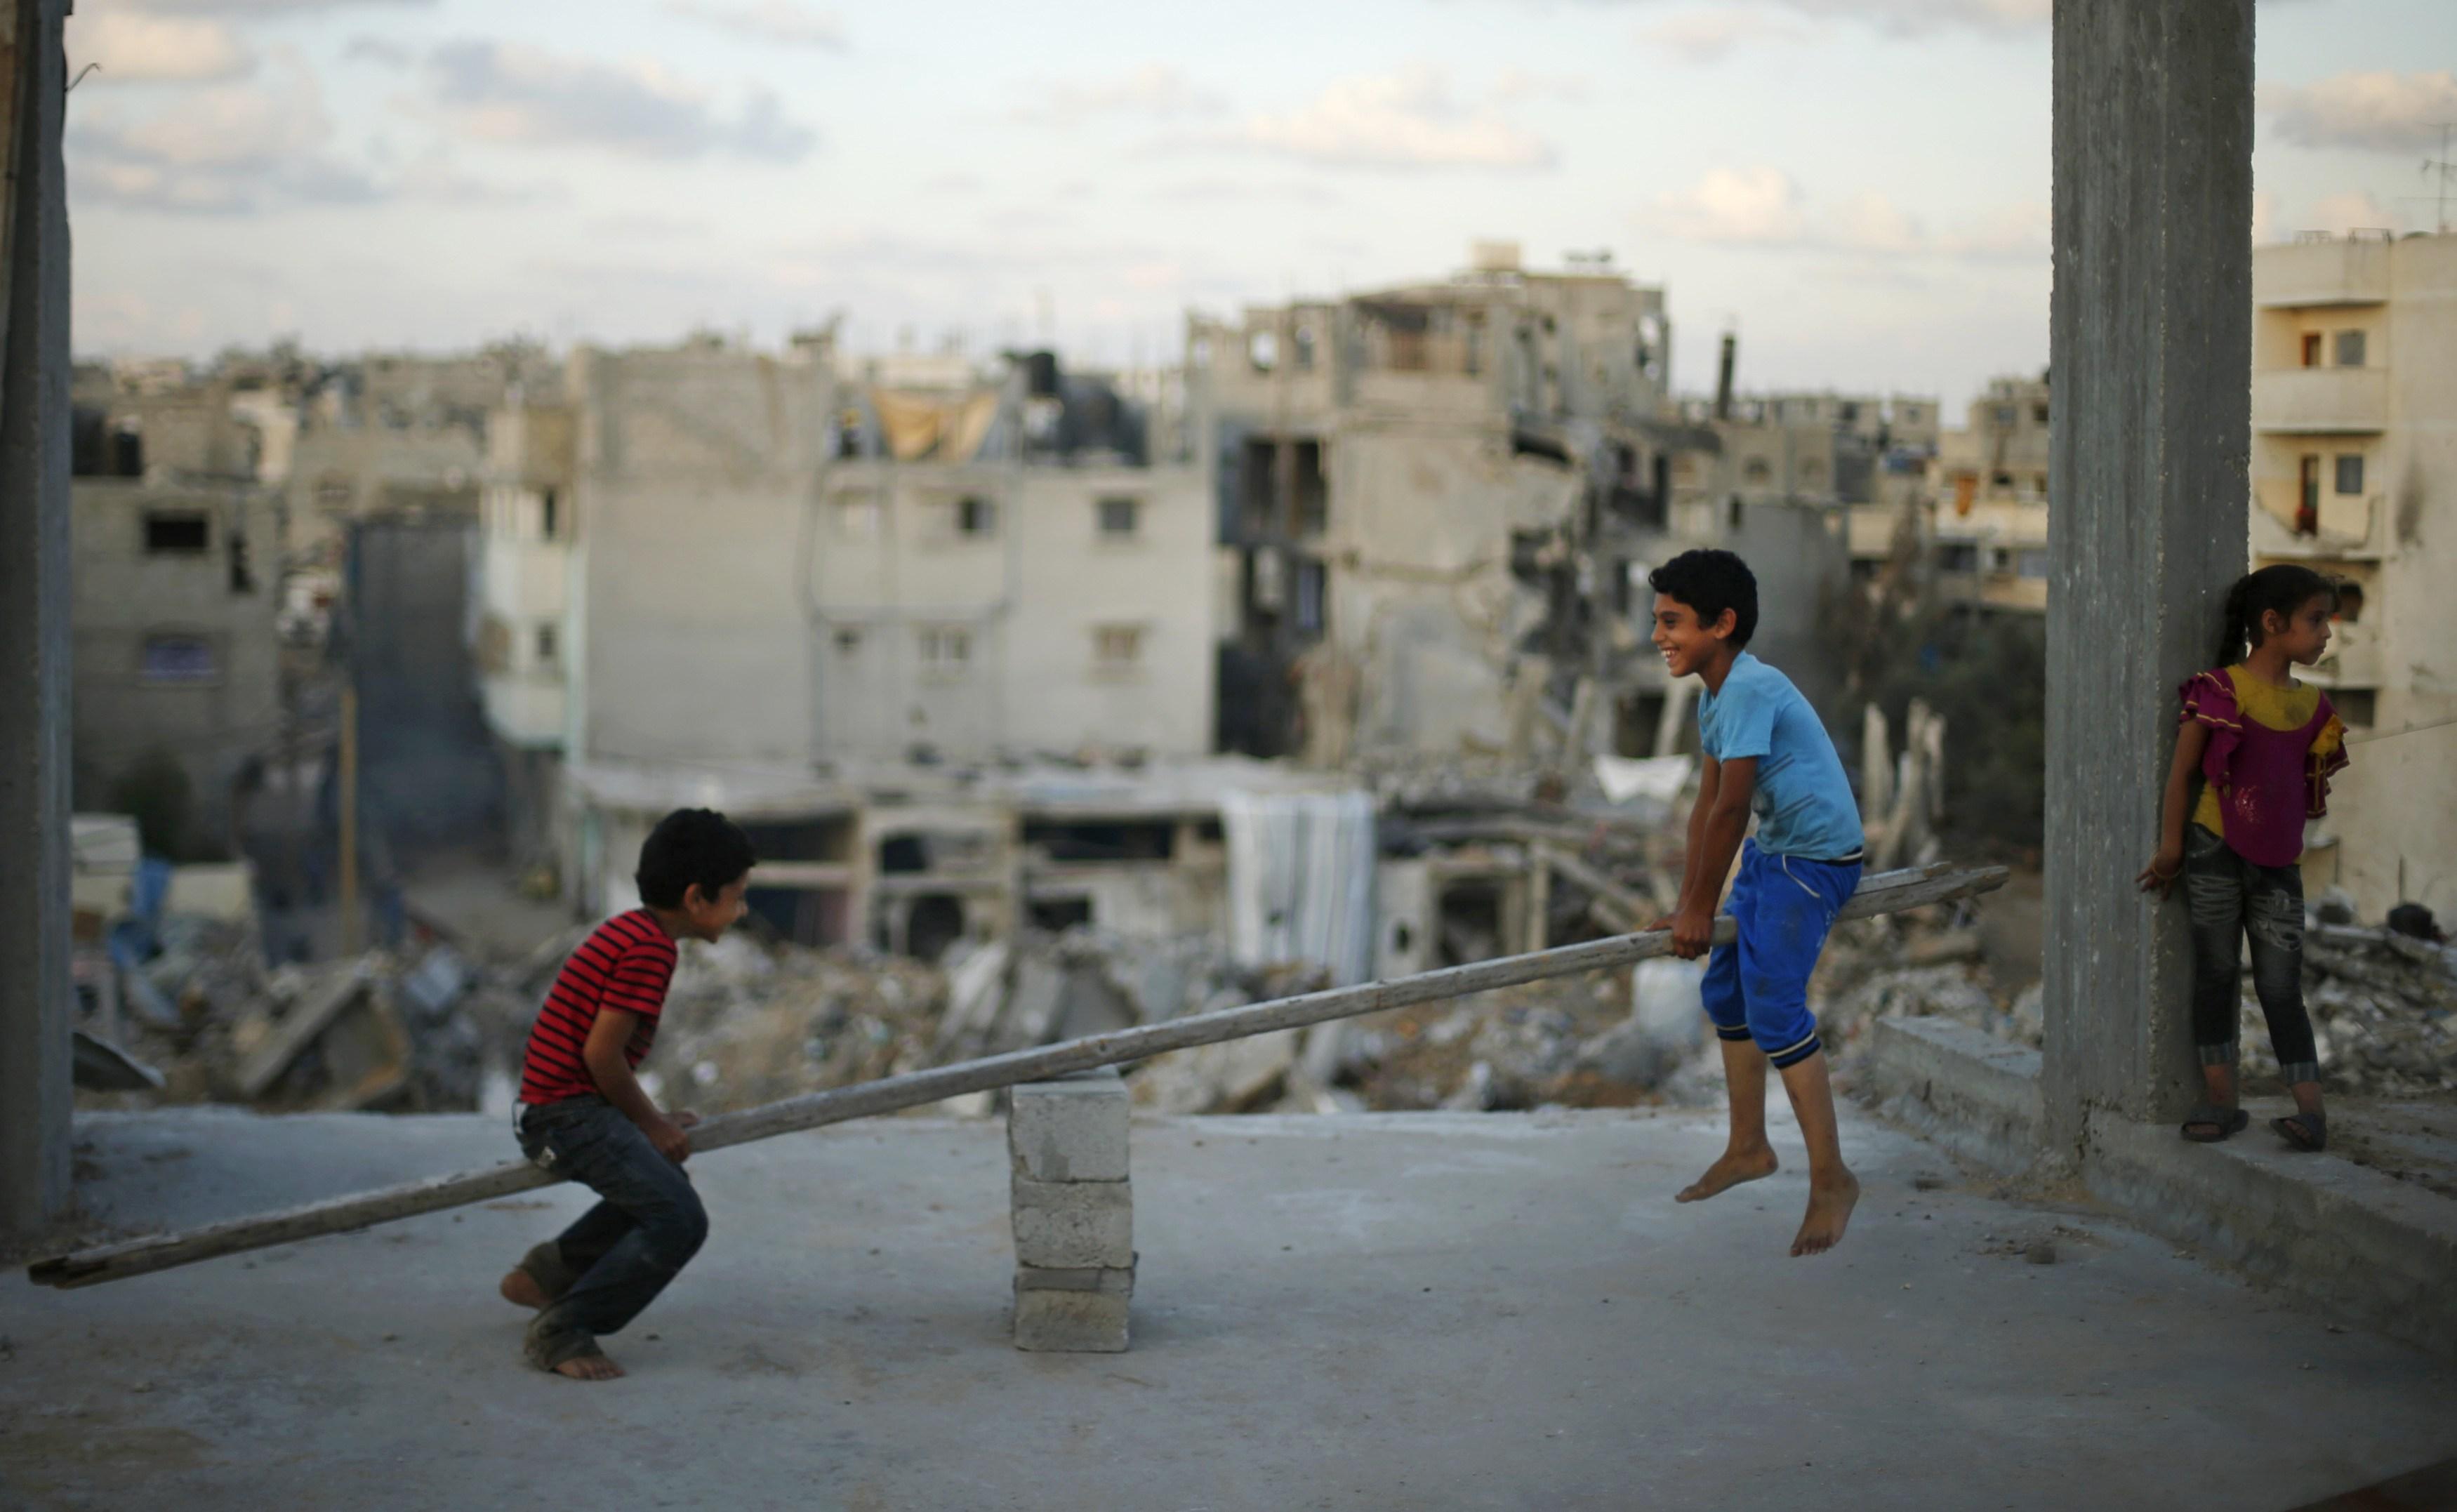 إعادة إعمار غزة .. حديث الساعة الإسرائيلي